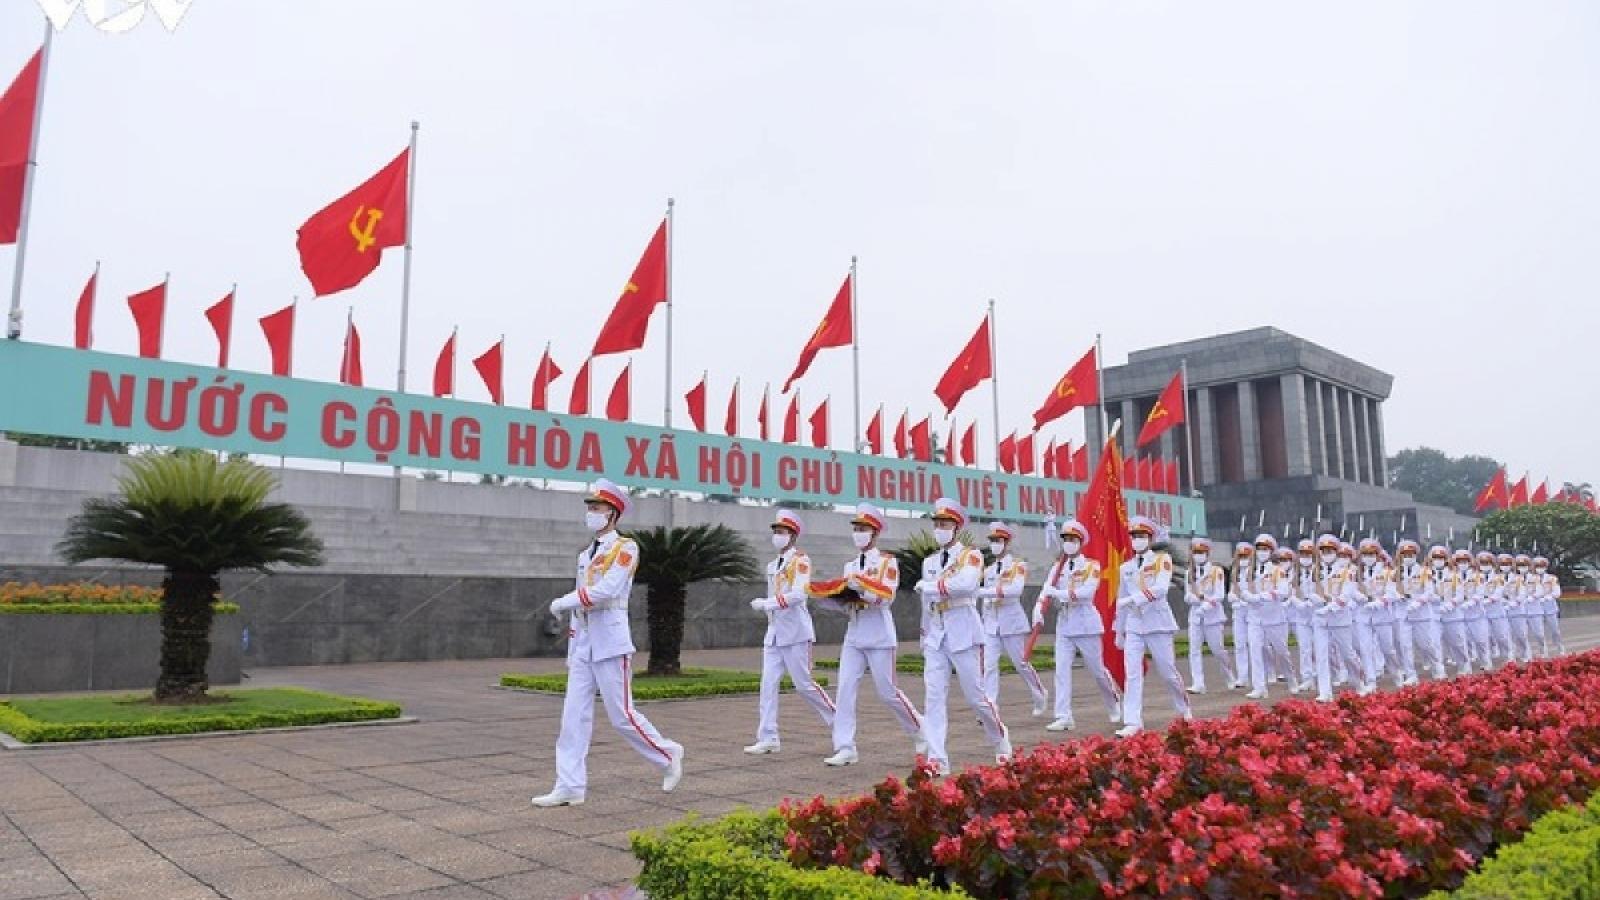 Lãnh đạo Nghị viện các nước gửi điện mừng Quốc khánh Việt Nam